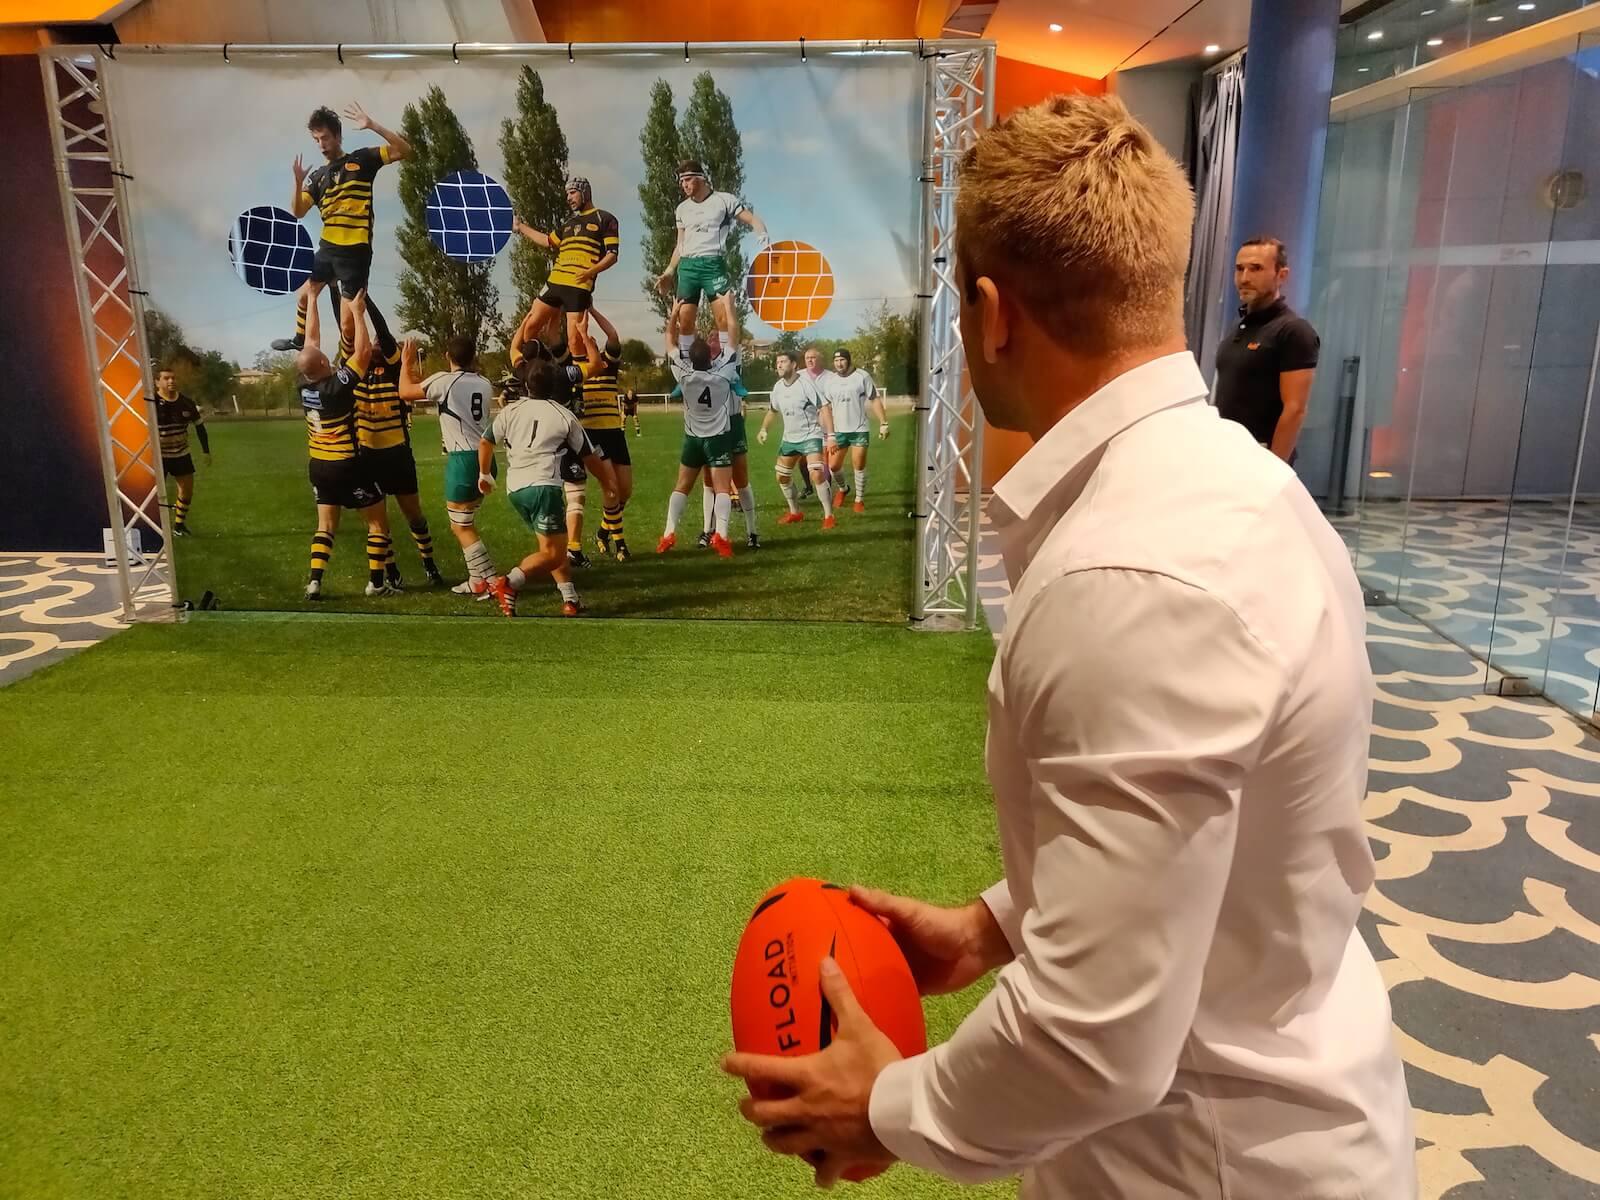 Bâcge à trous précision précifoot rugby concours fun challenge défi points olympiade